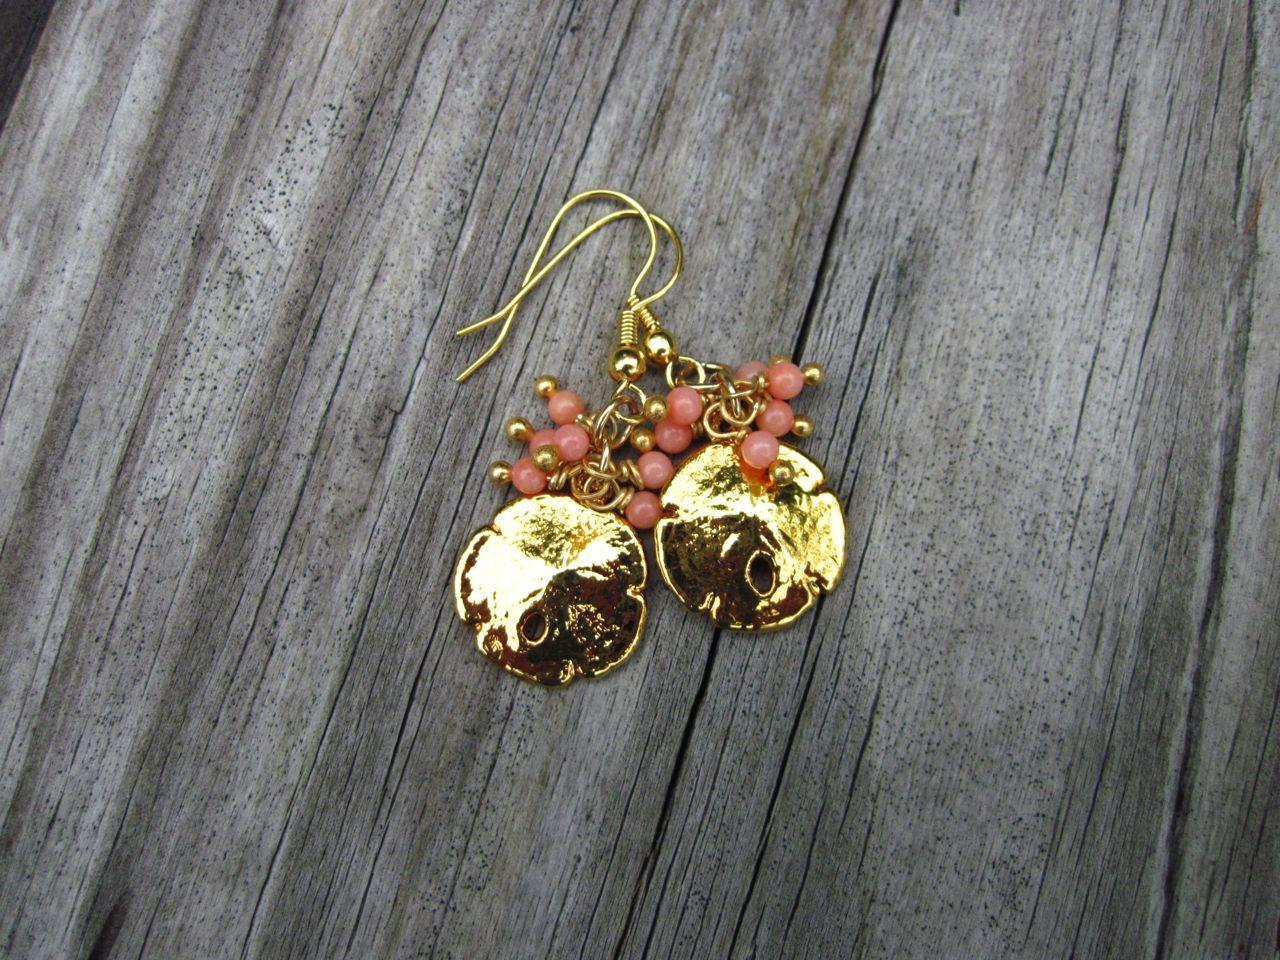 Sand dollar earrings in gold